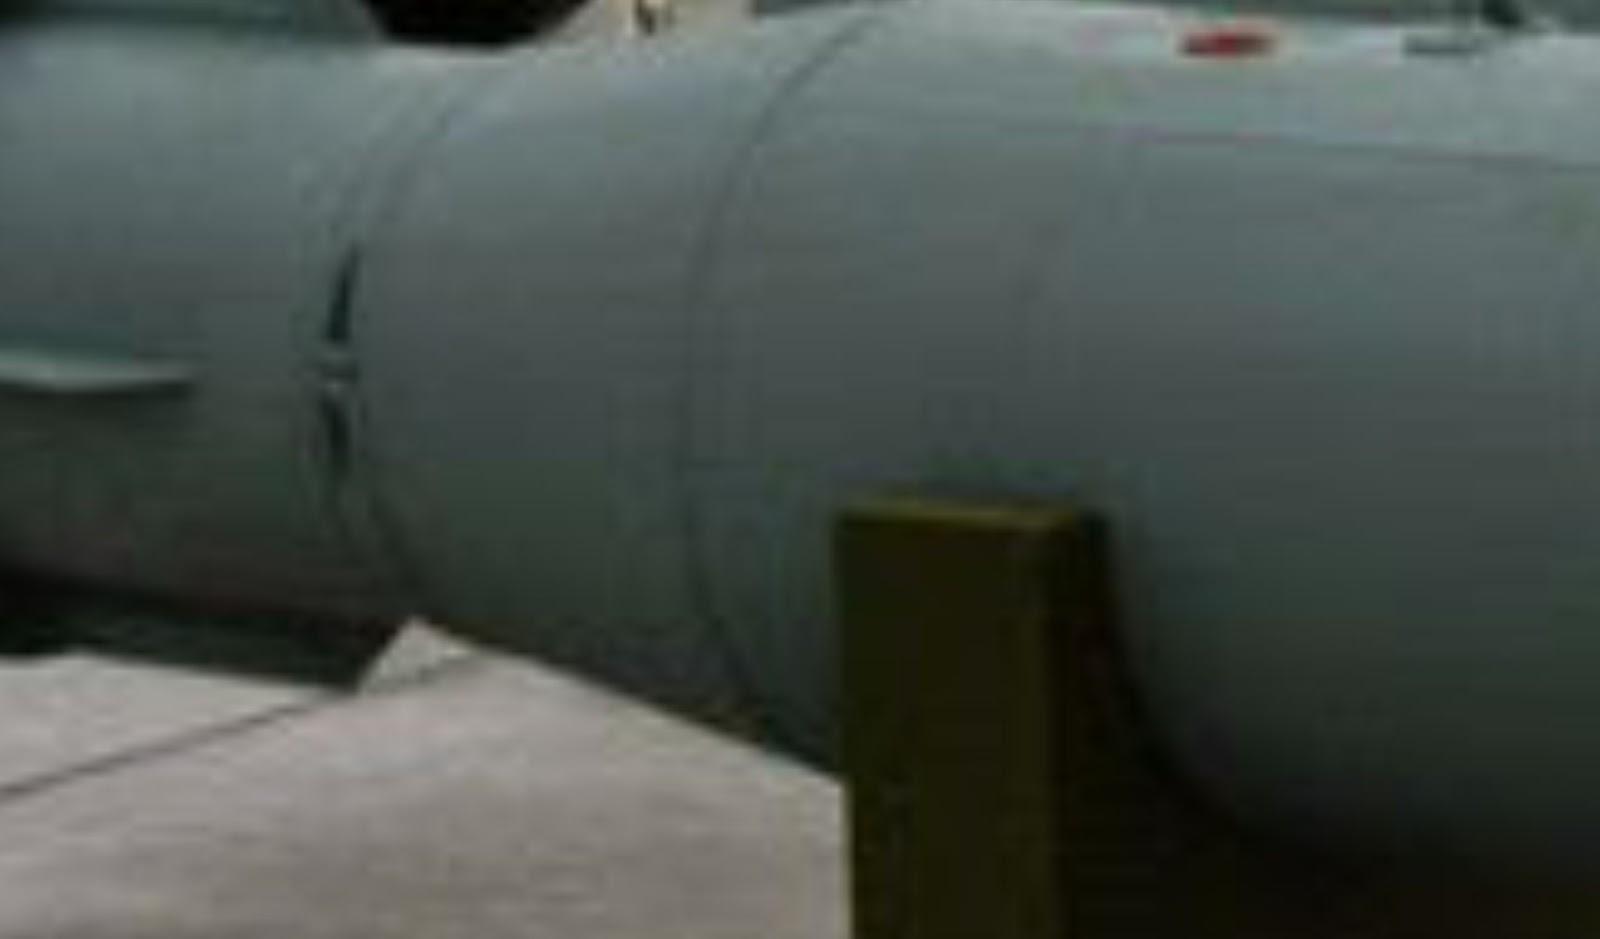 Jepang mengembangkan bom luncur supersonik